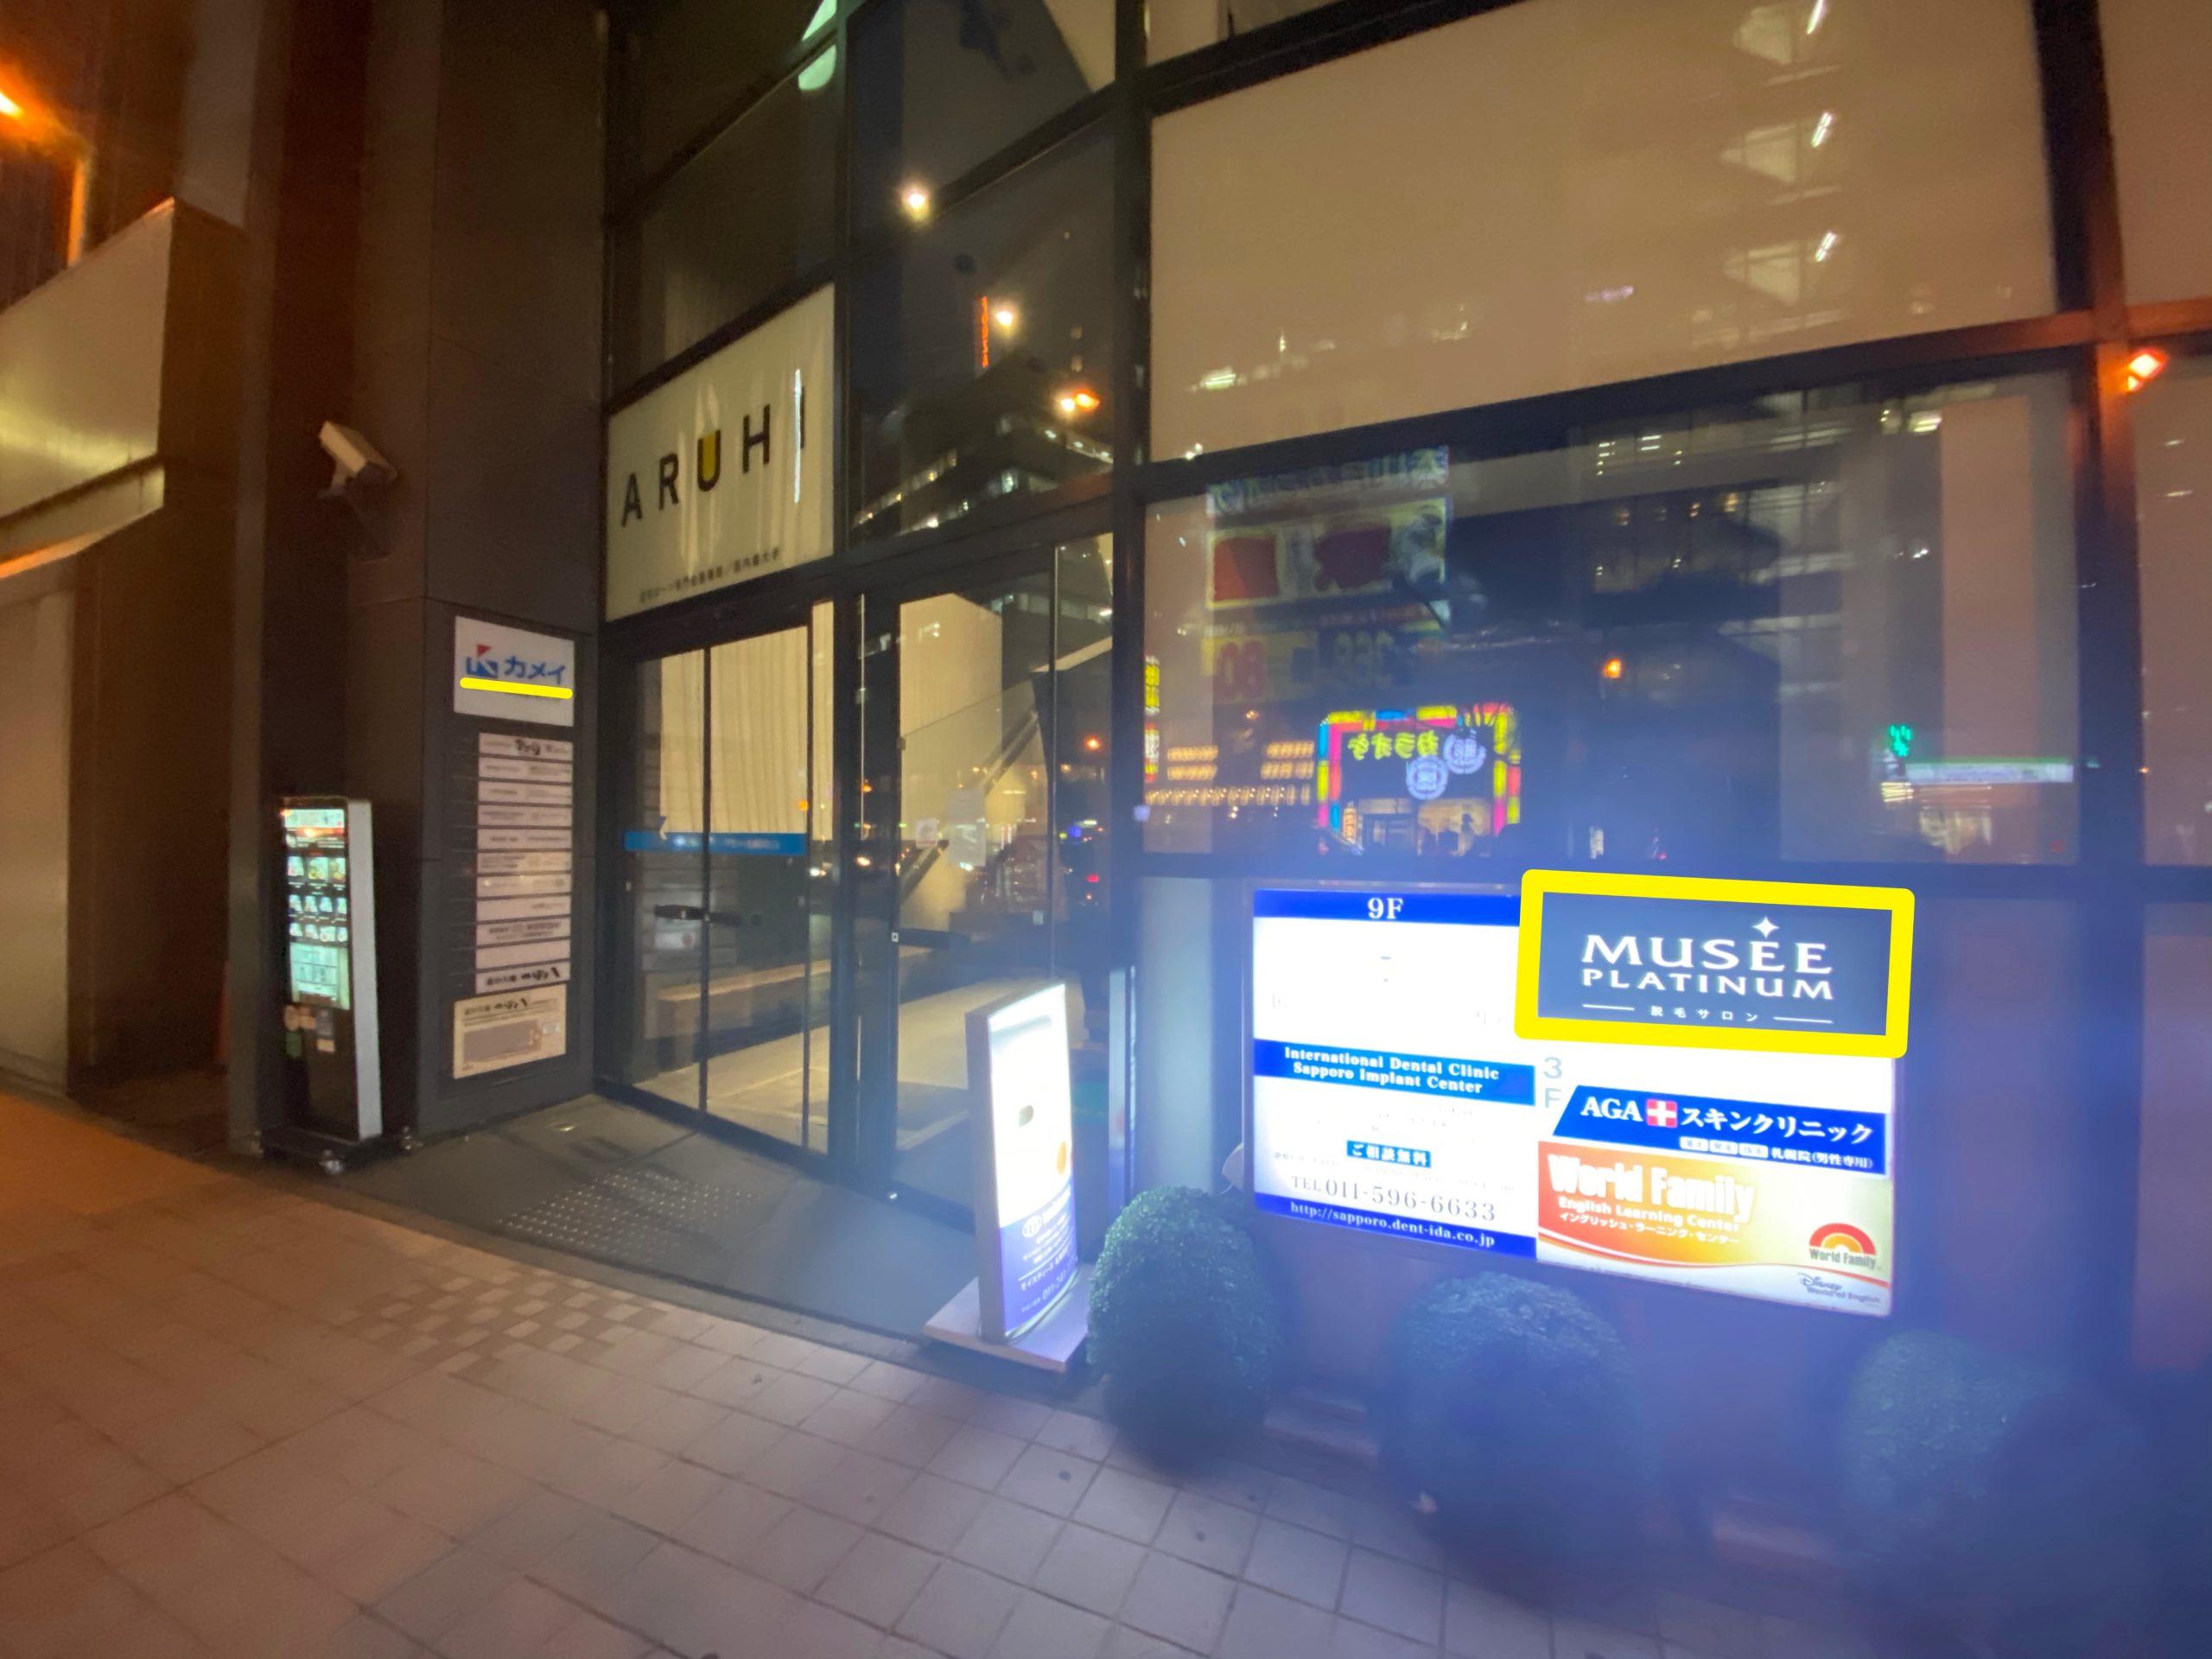 ミュゼJR札幌駅前店